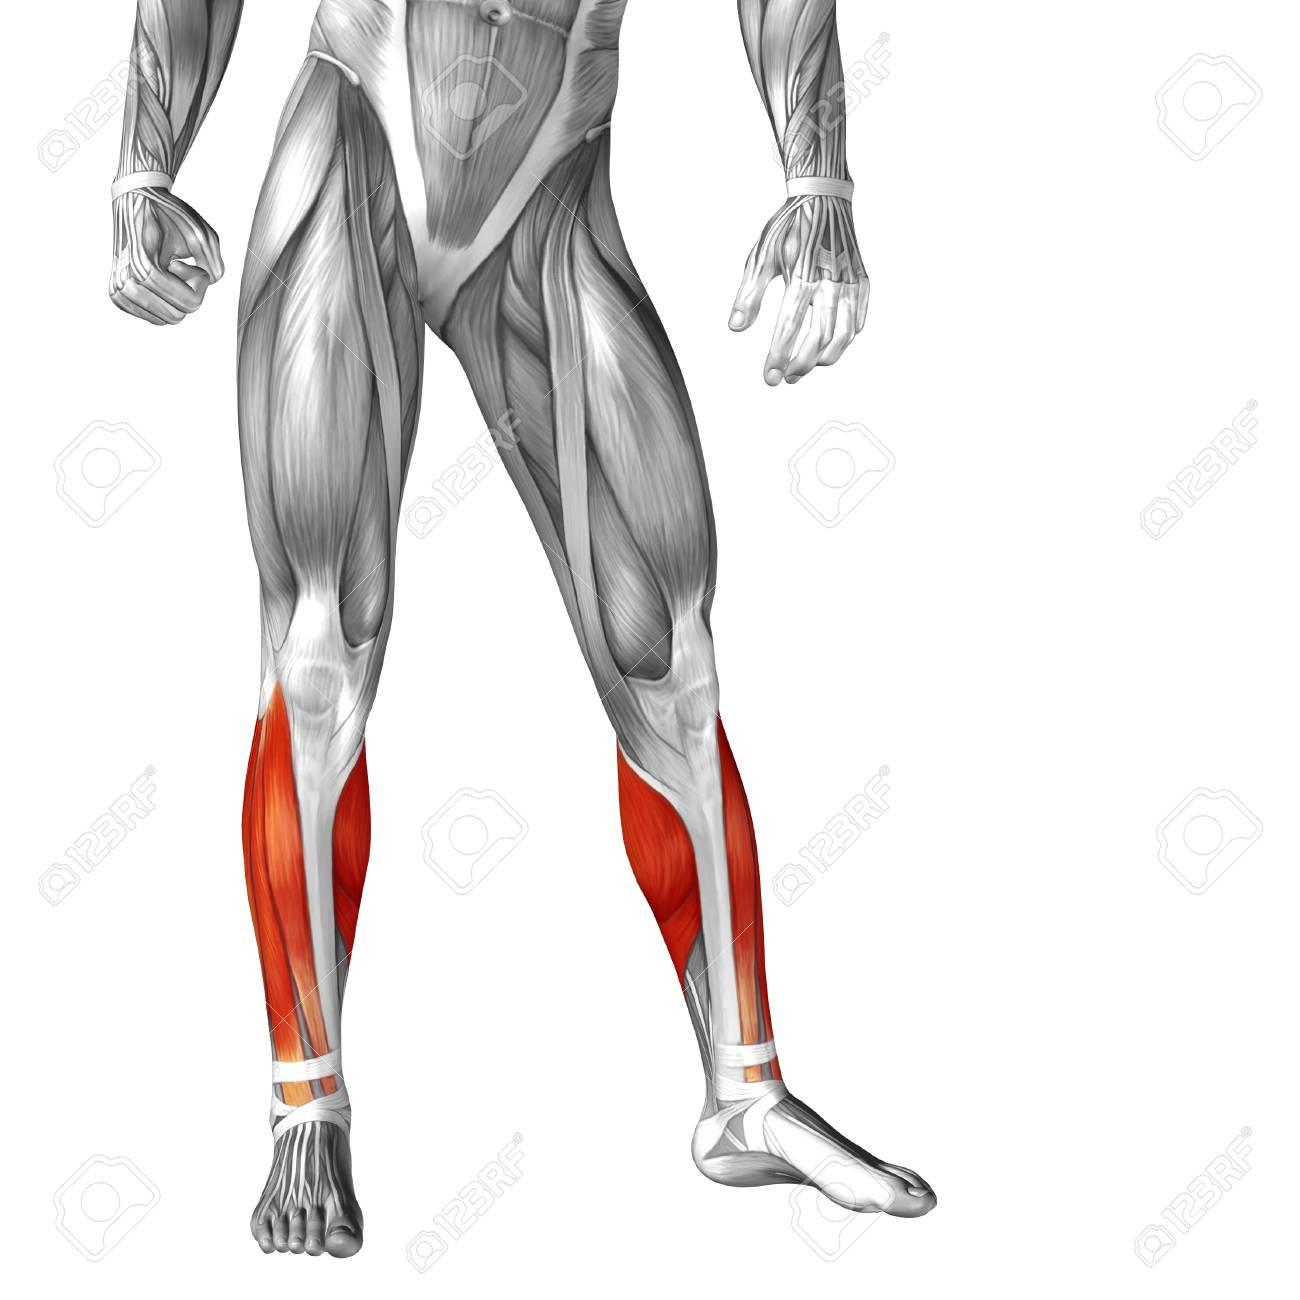 Gemütlich Vordere Arm Anatomie Ideen - Anatomie Von Menschlichen ...